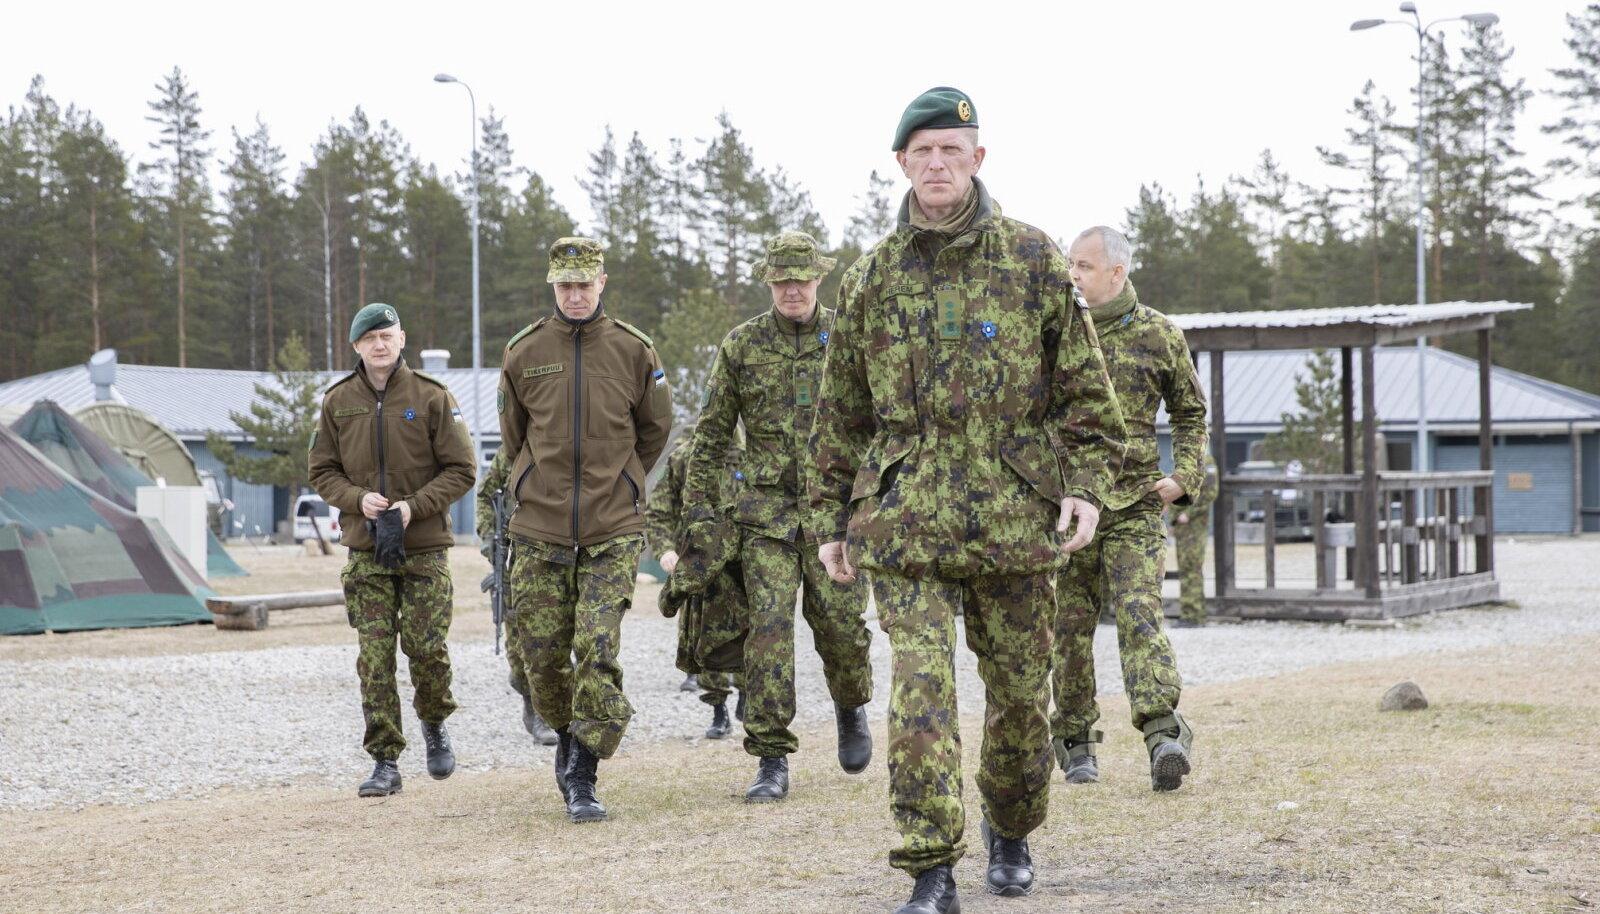 Kindralmajor Herem Kevadtormil (foto: Ardi Hallismaa / ajakiri Sõdur)